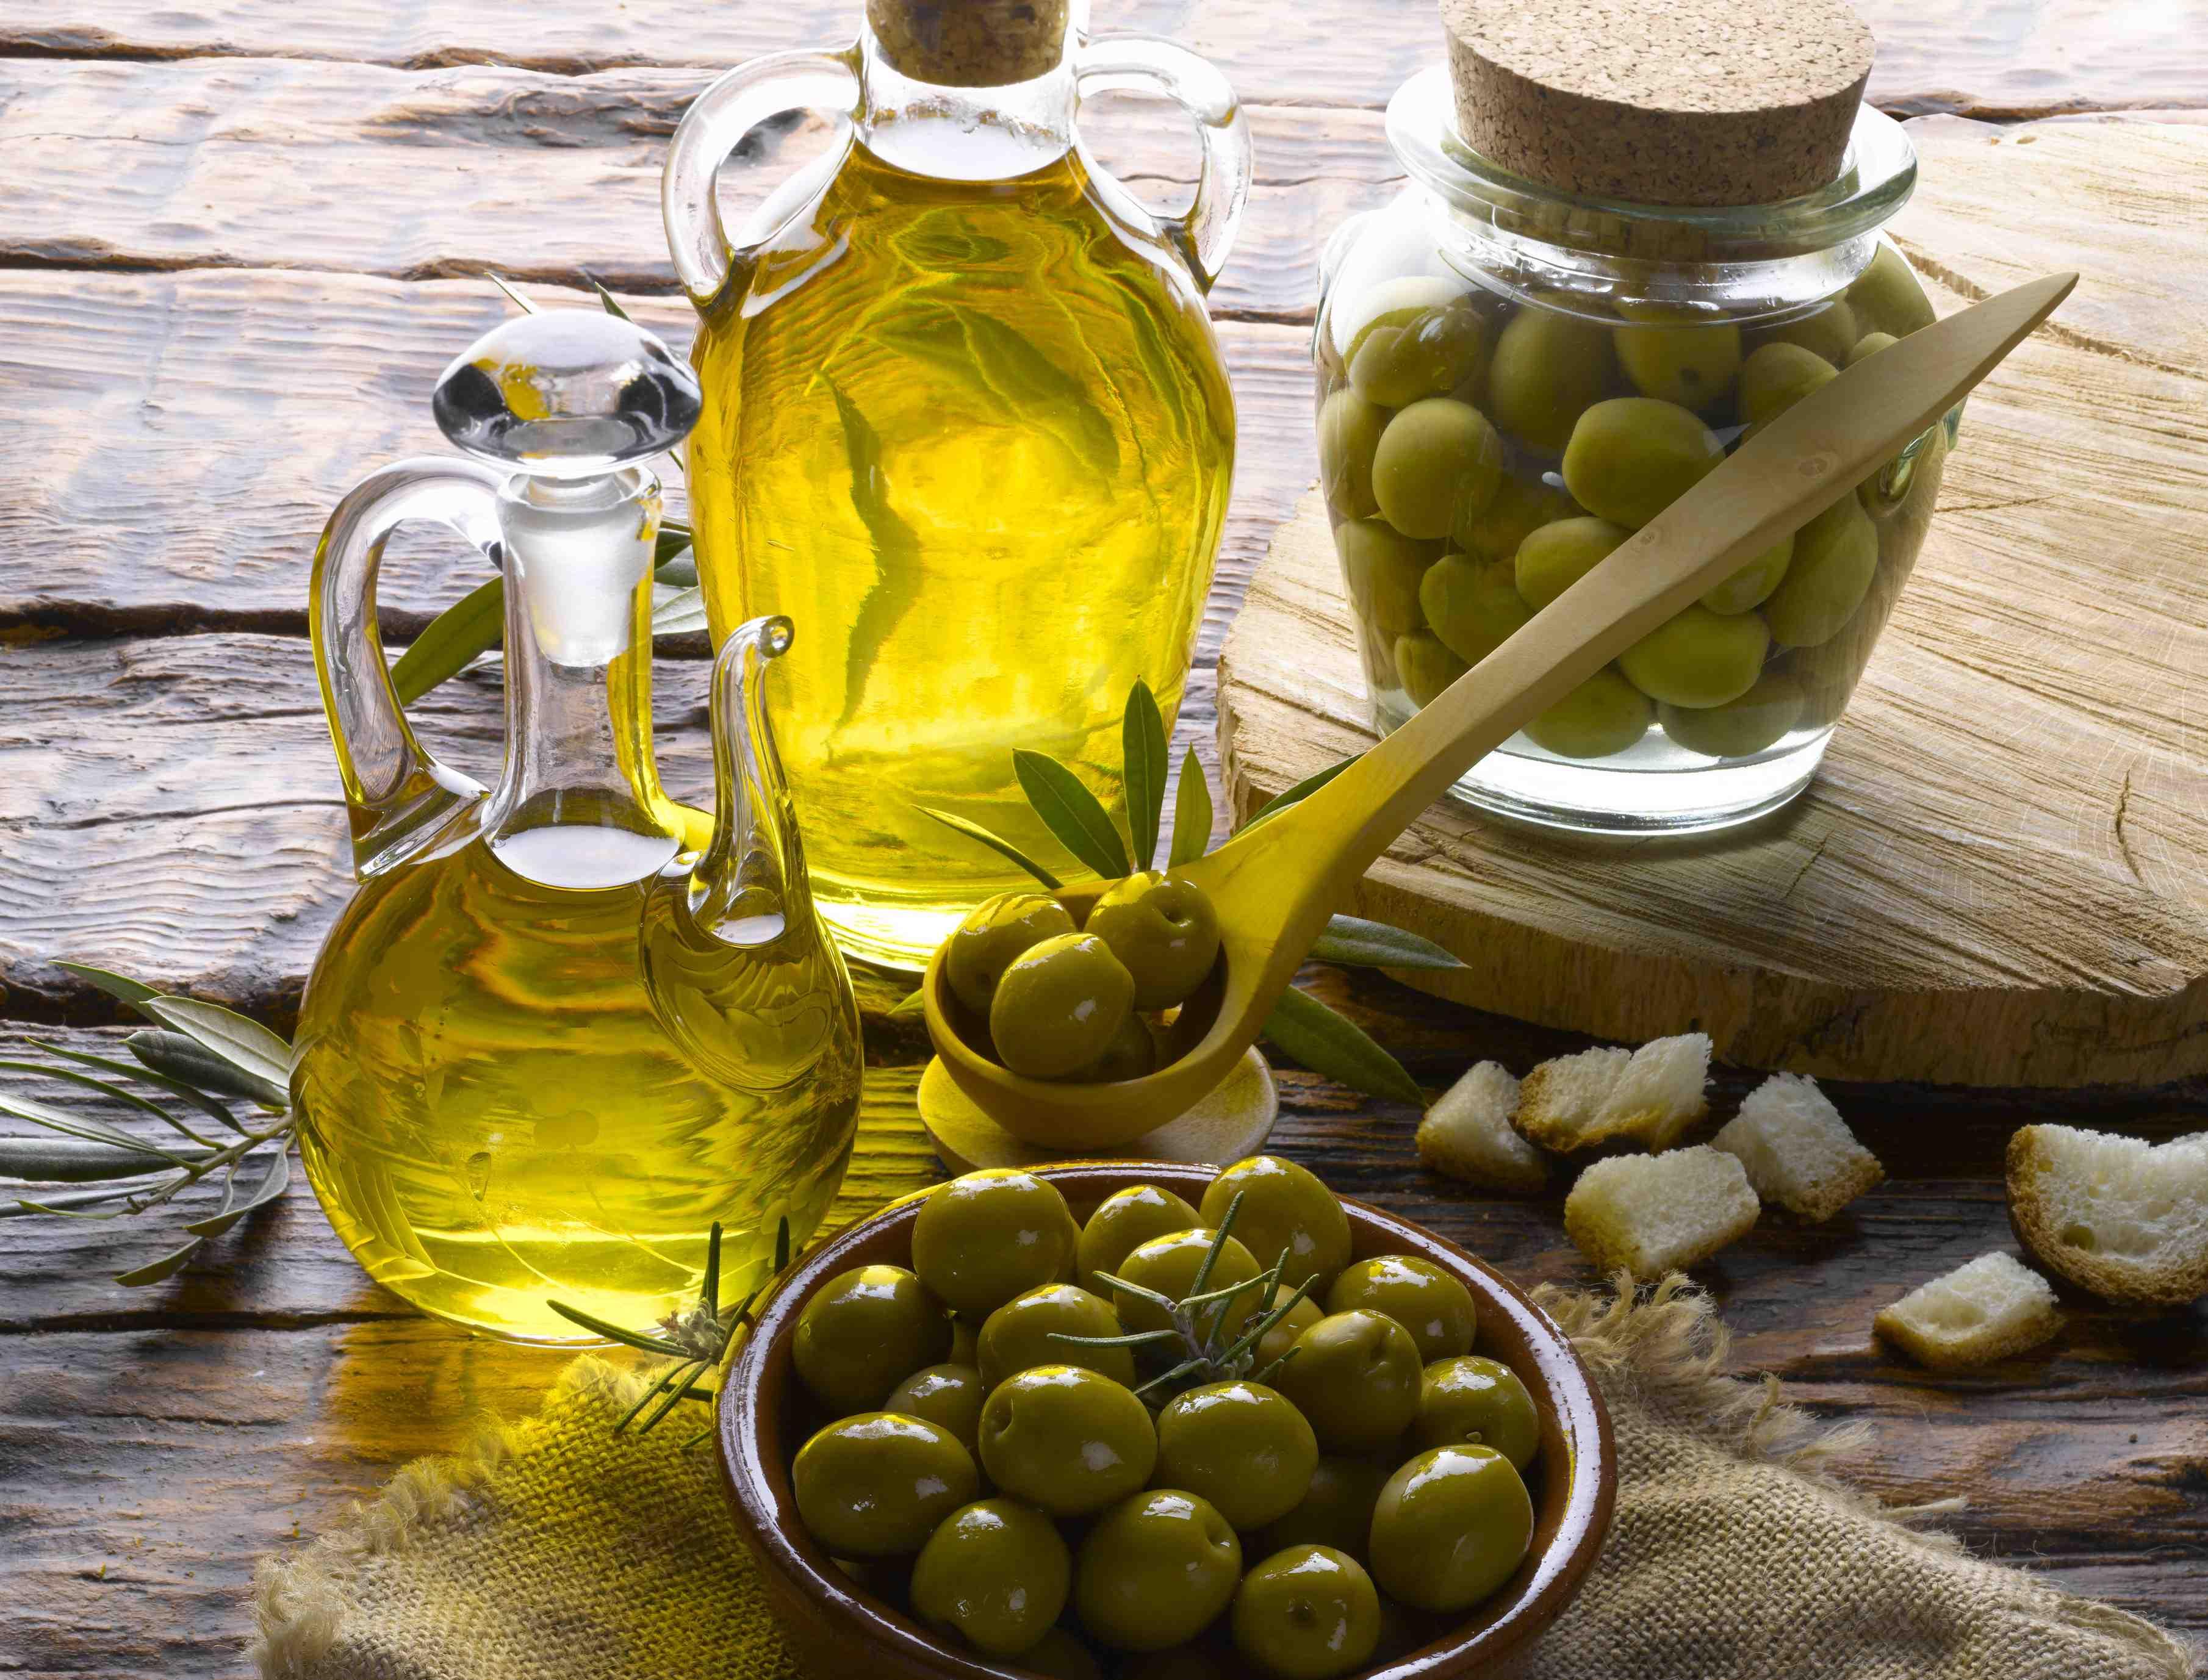 Las exportaciones de aceite de oliva alcanzan una facturación de 2.000 millones de euros